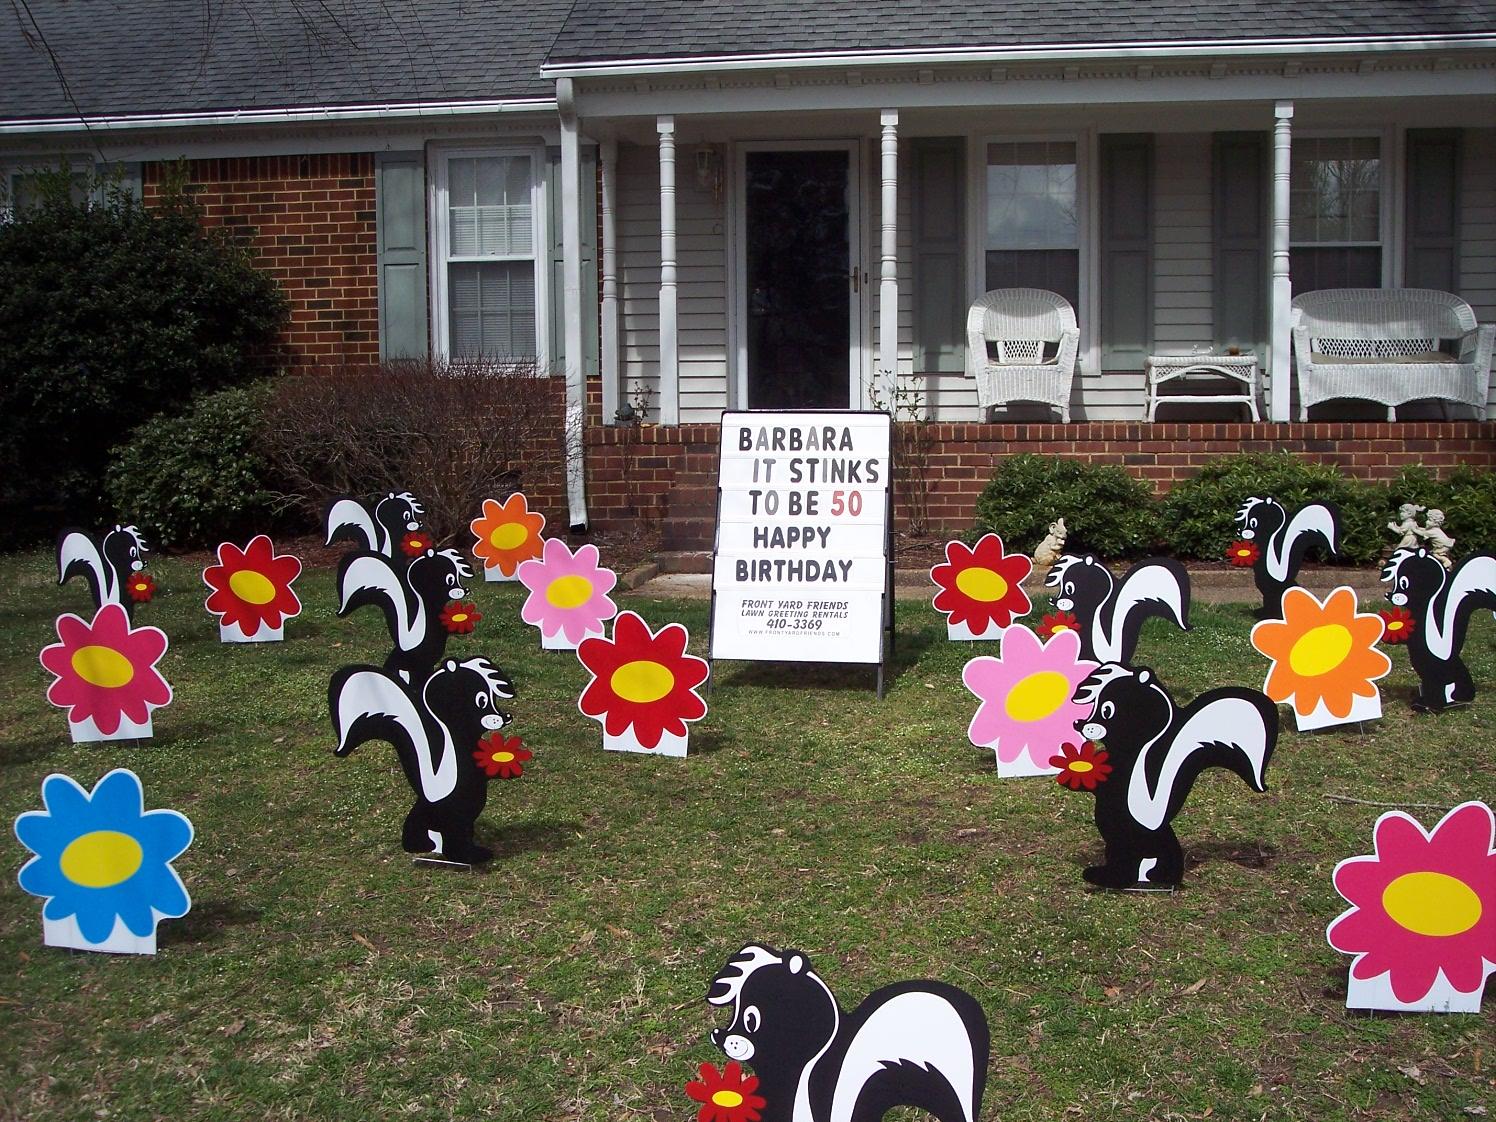 Birthday Yard Signs Suffolk Va - Birthday Yard Signs | Birthday Yard Signs